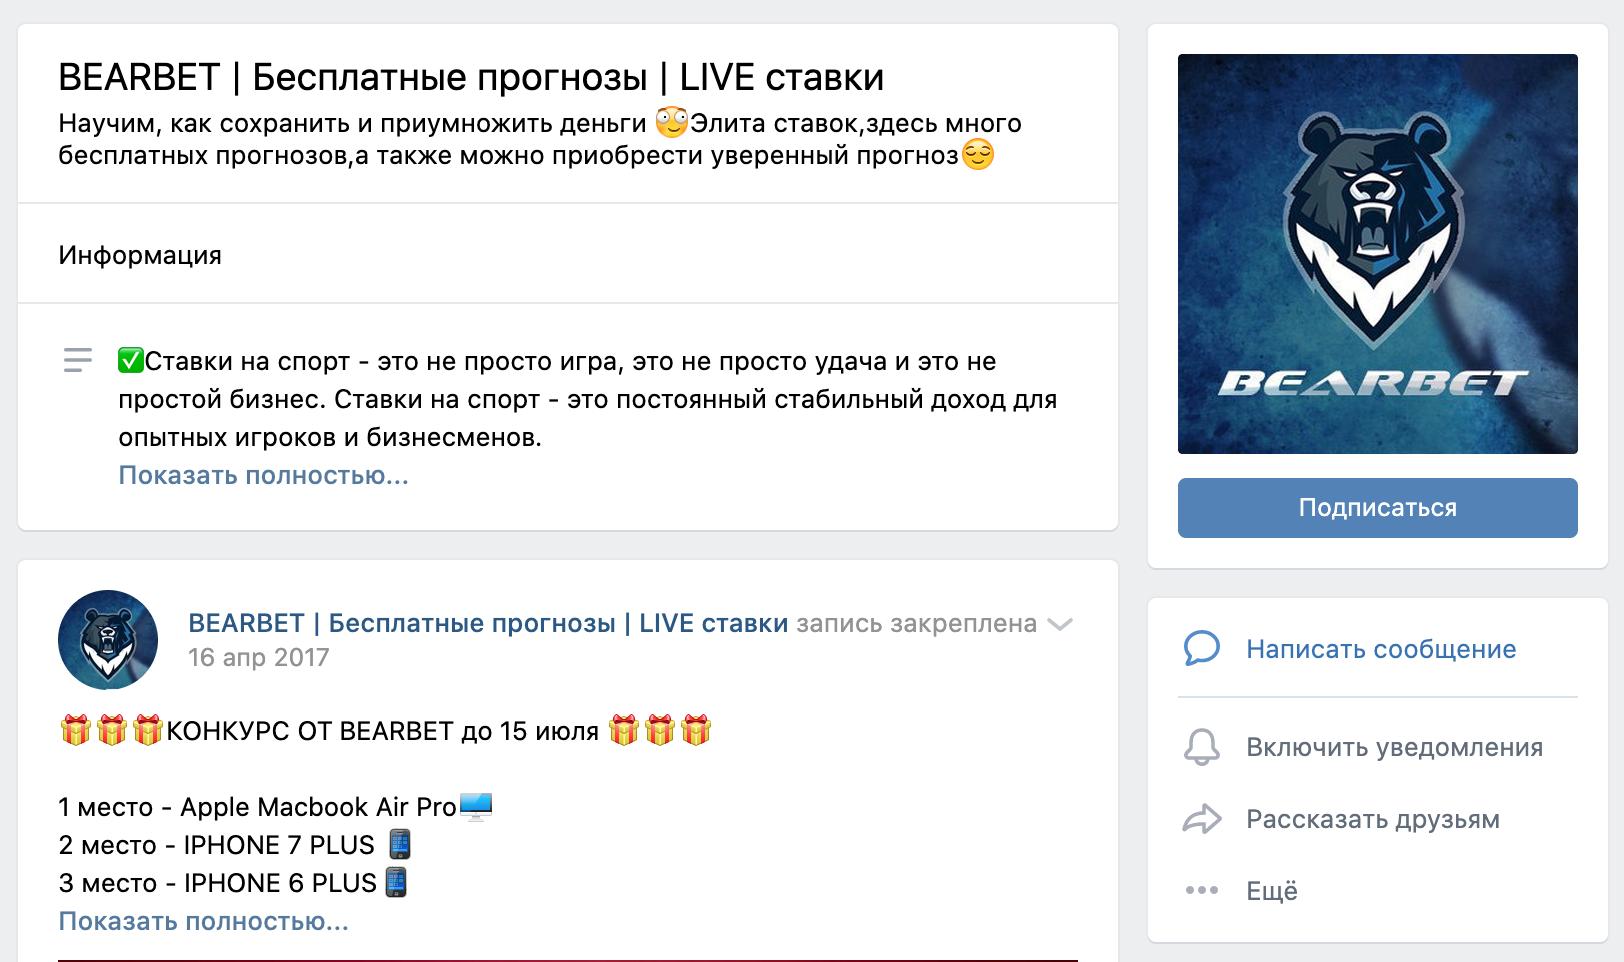 Группа ВК Bear bet